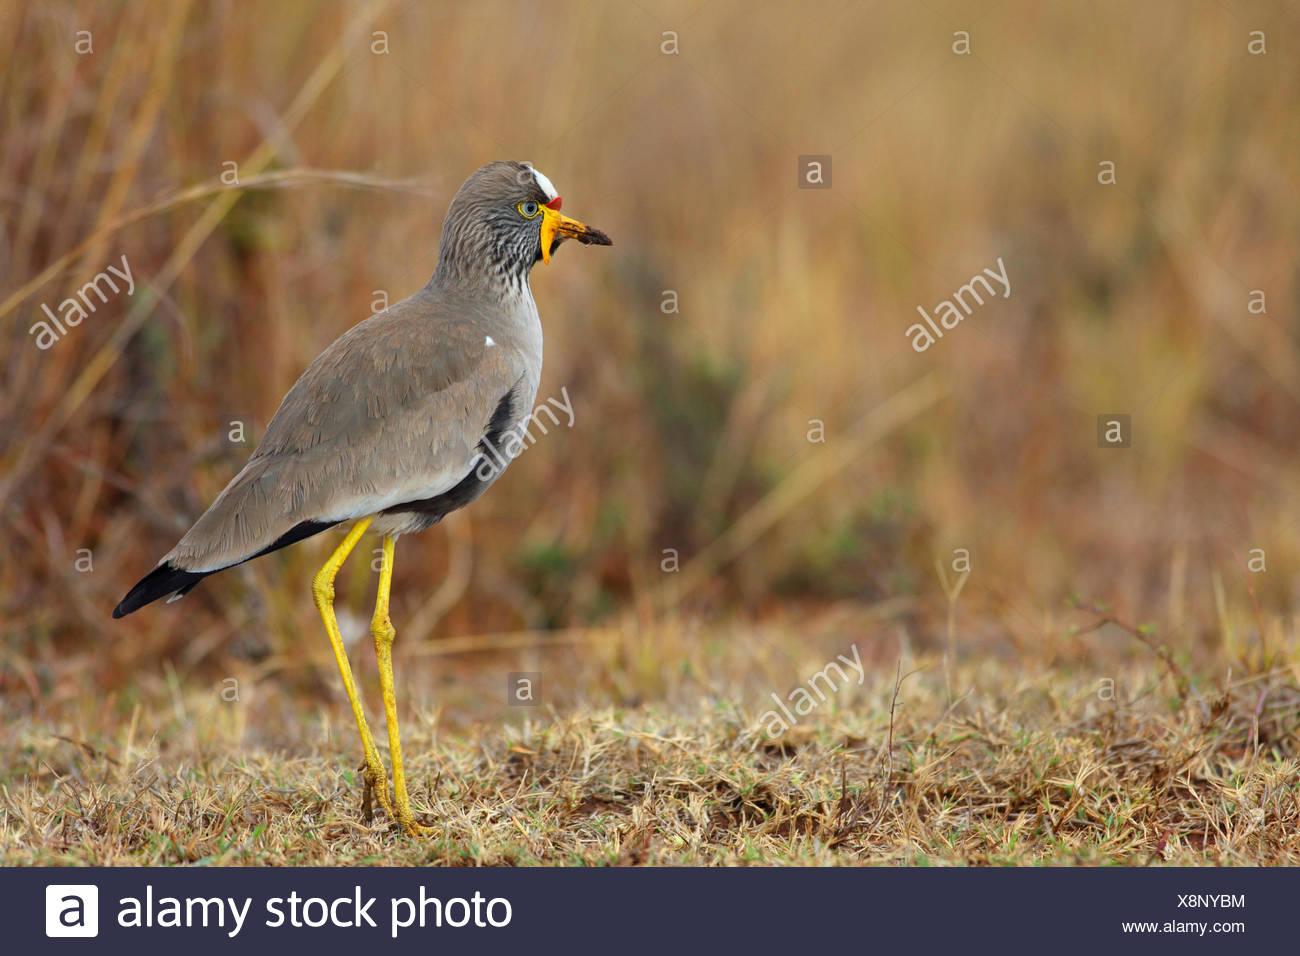 Sénégal (Vanellus senegallus caronculée), debout sur le terrain, Afrique du Sud, Ithala Game Reserve Photo Stock